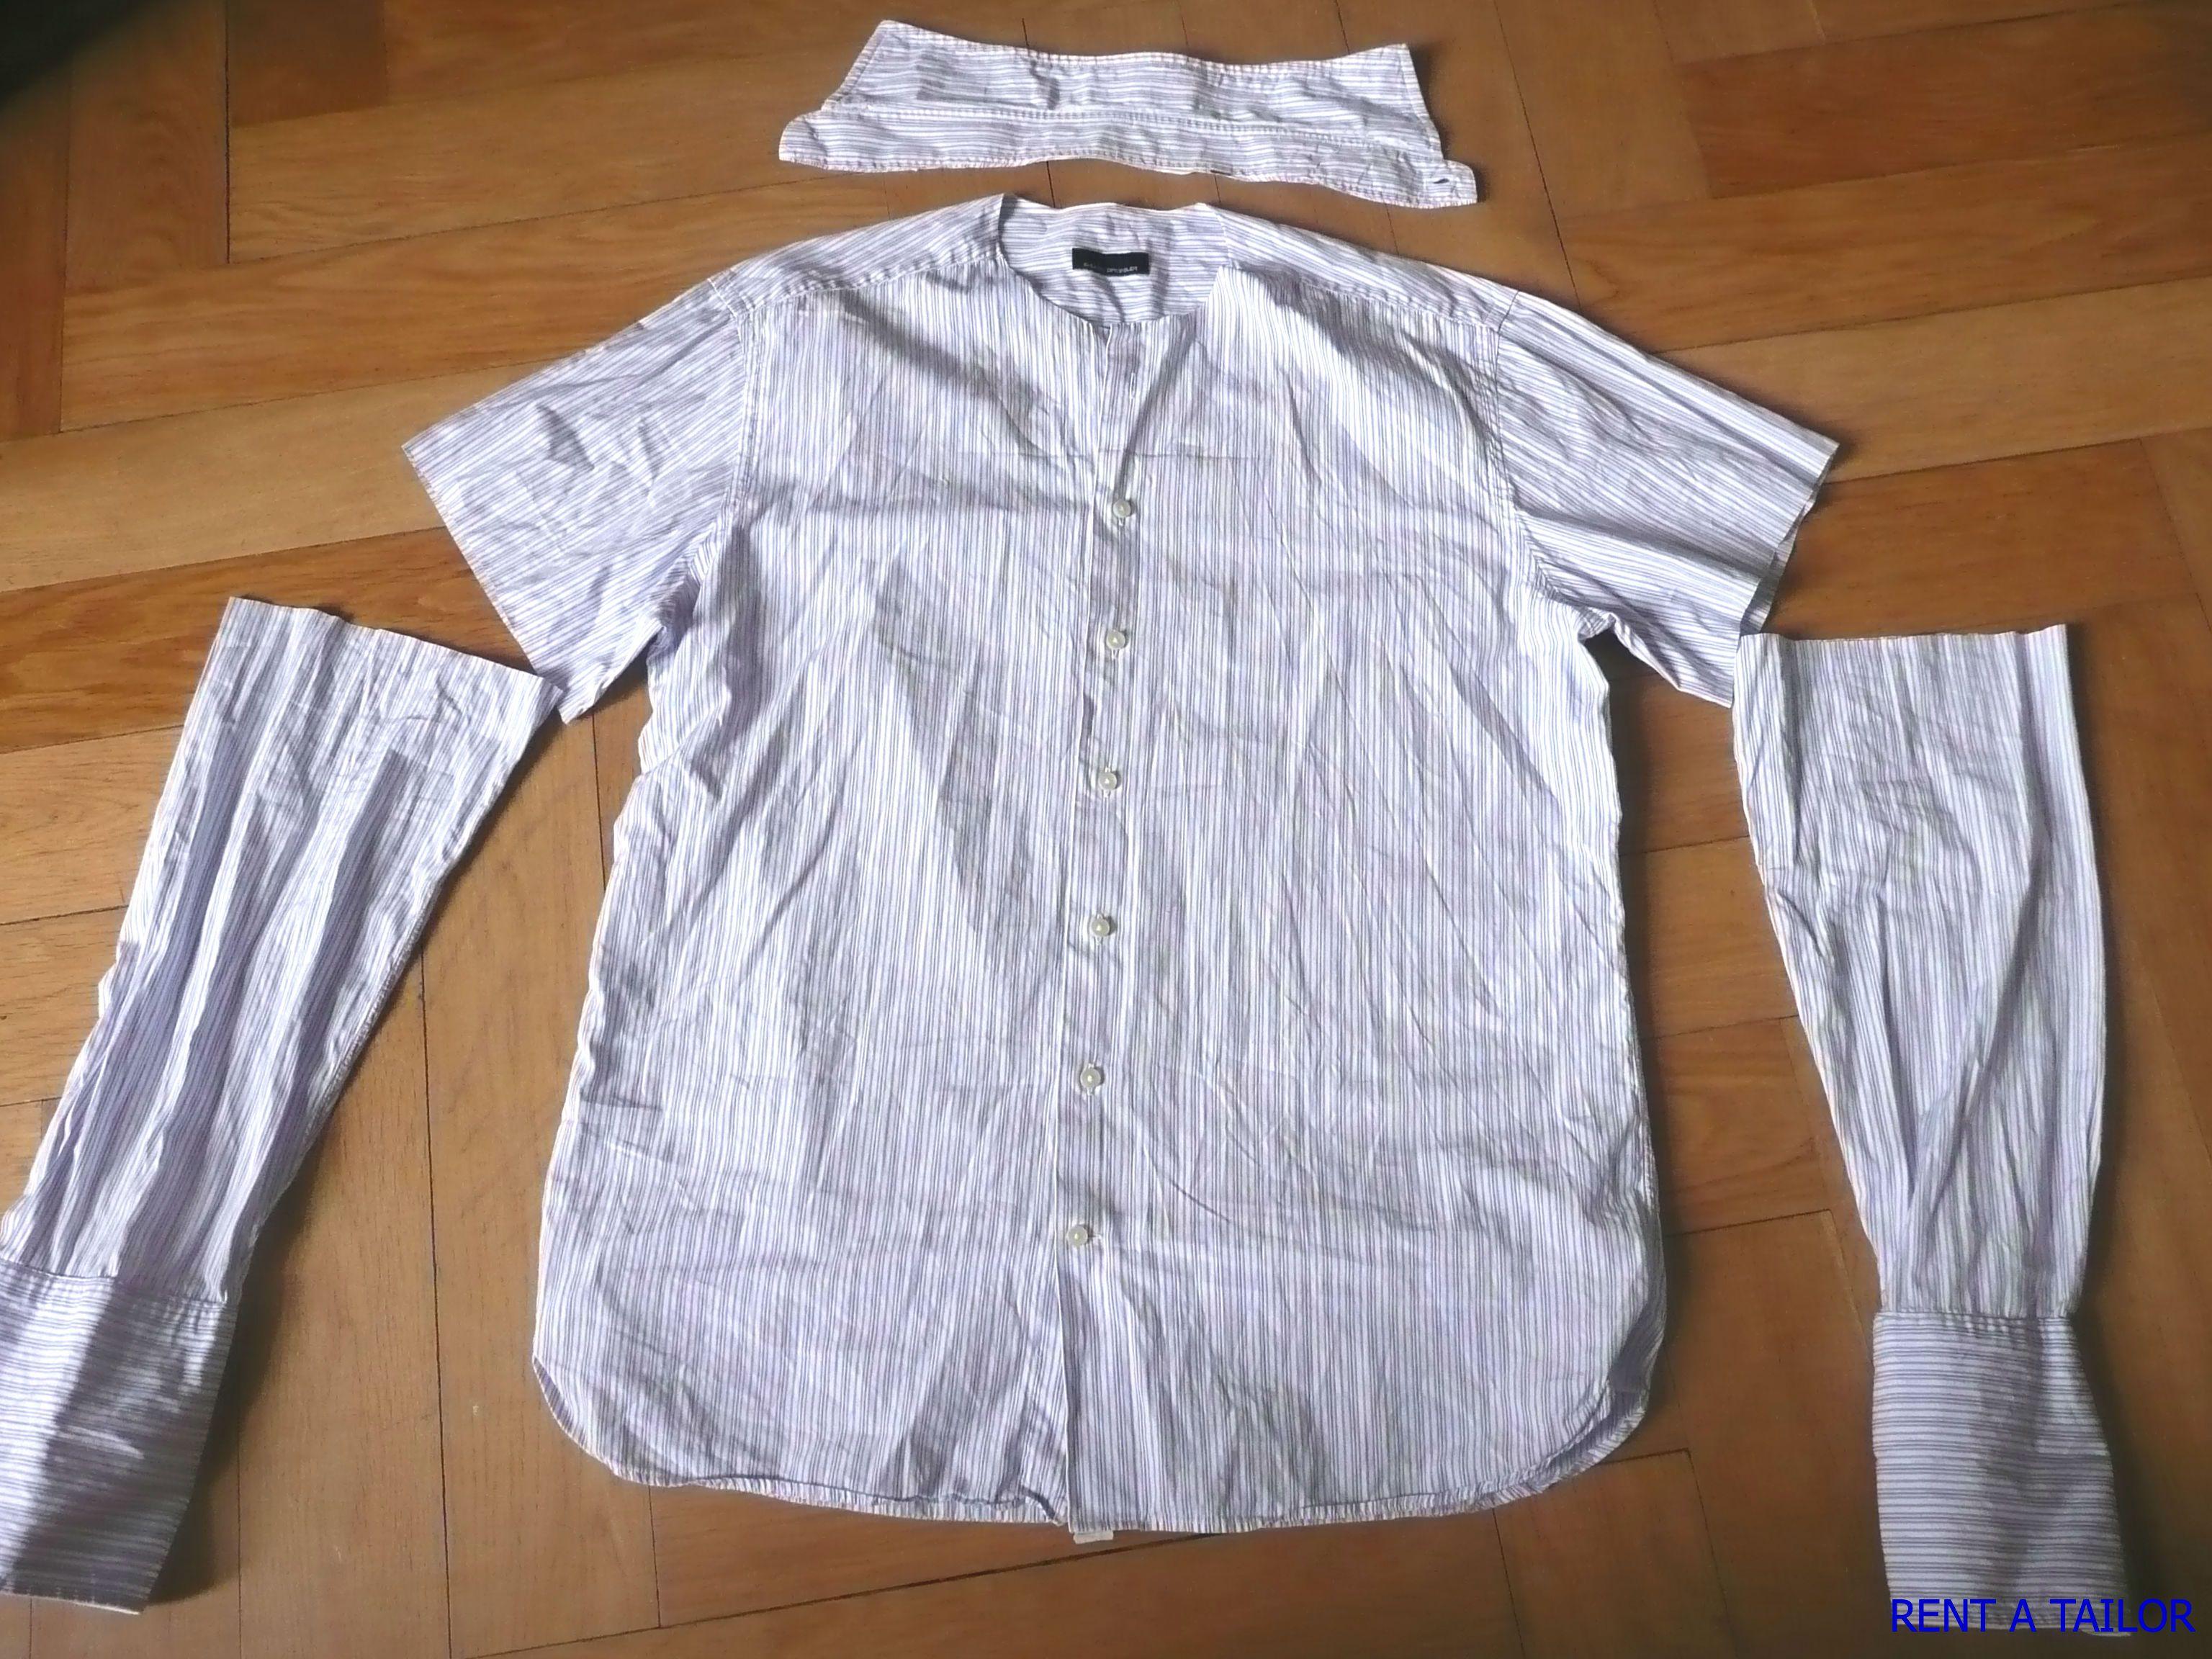 Vorher-Nachher Show oder wie aus einem Hemd eine Bluse wurde ...